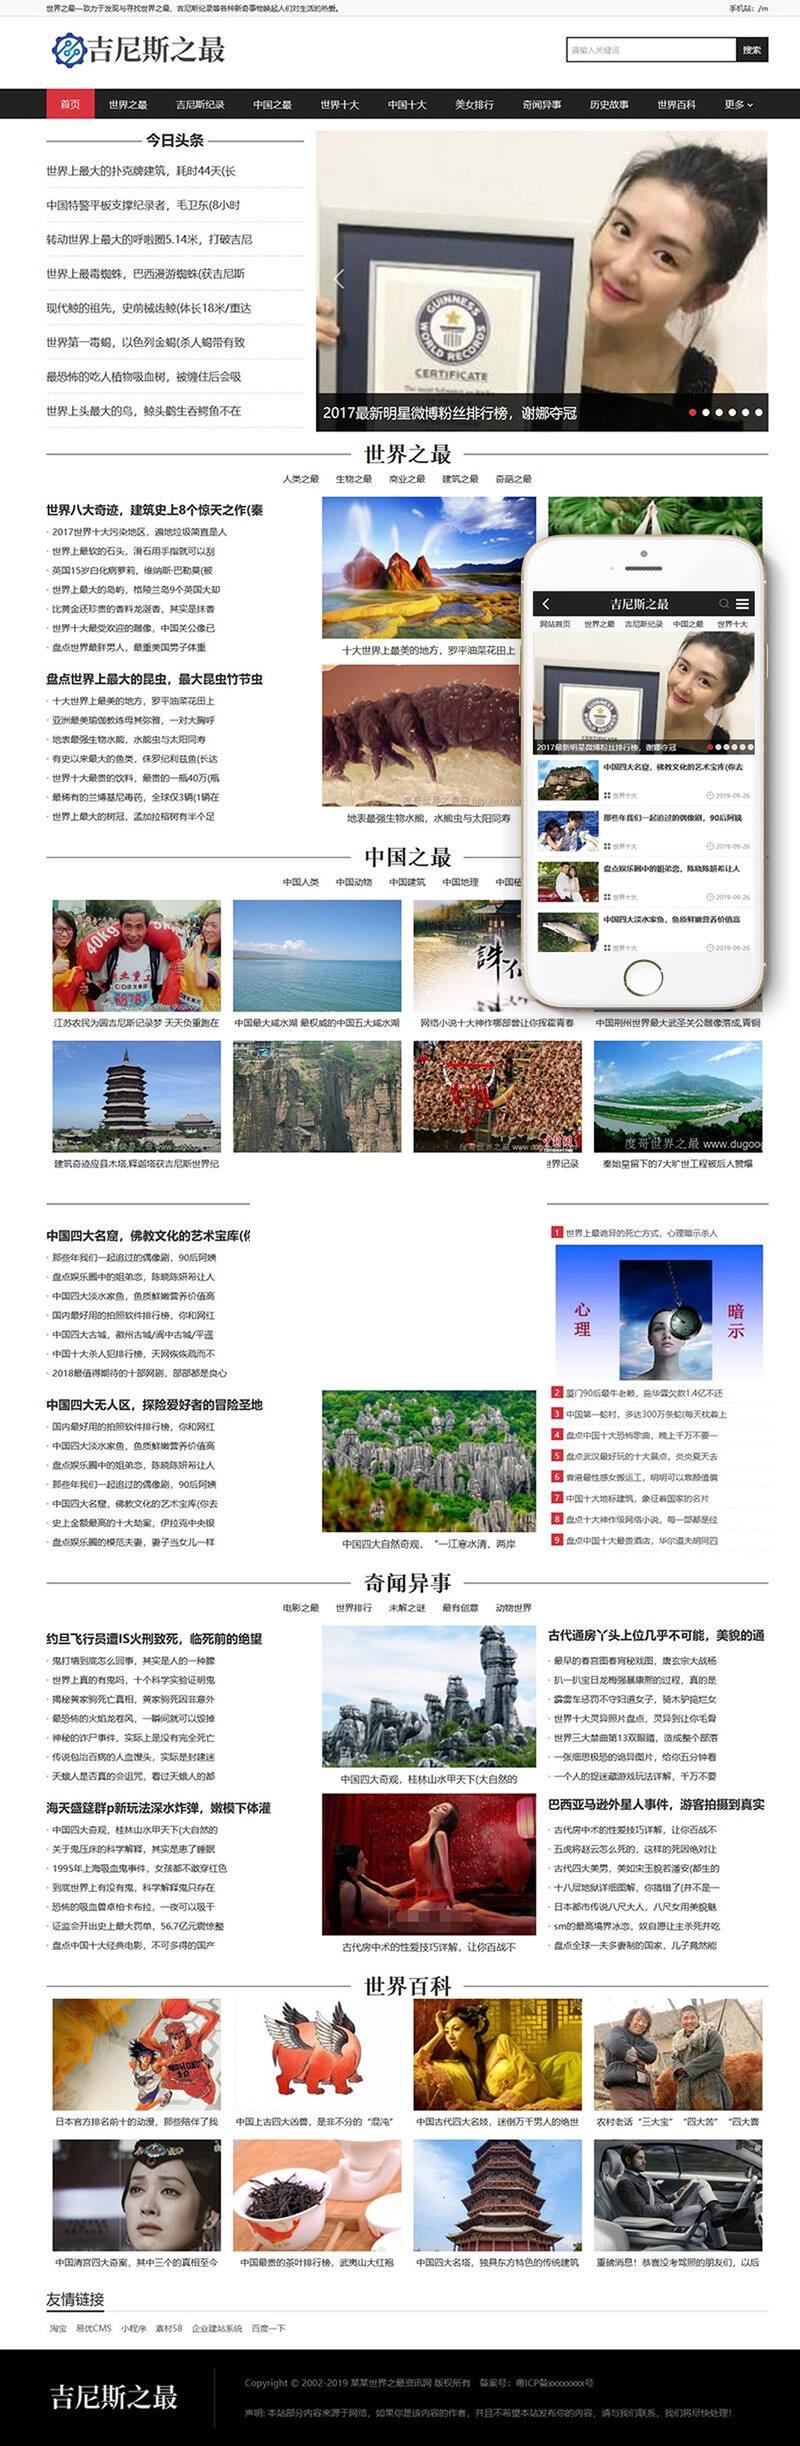 吉尼斯世界纪录新闻资讯类网站源码 织梦dedecms模板(带手机端) 第1张